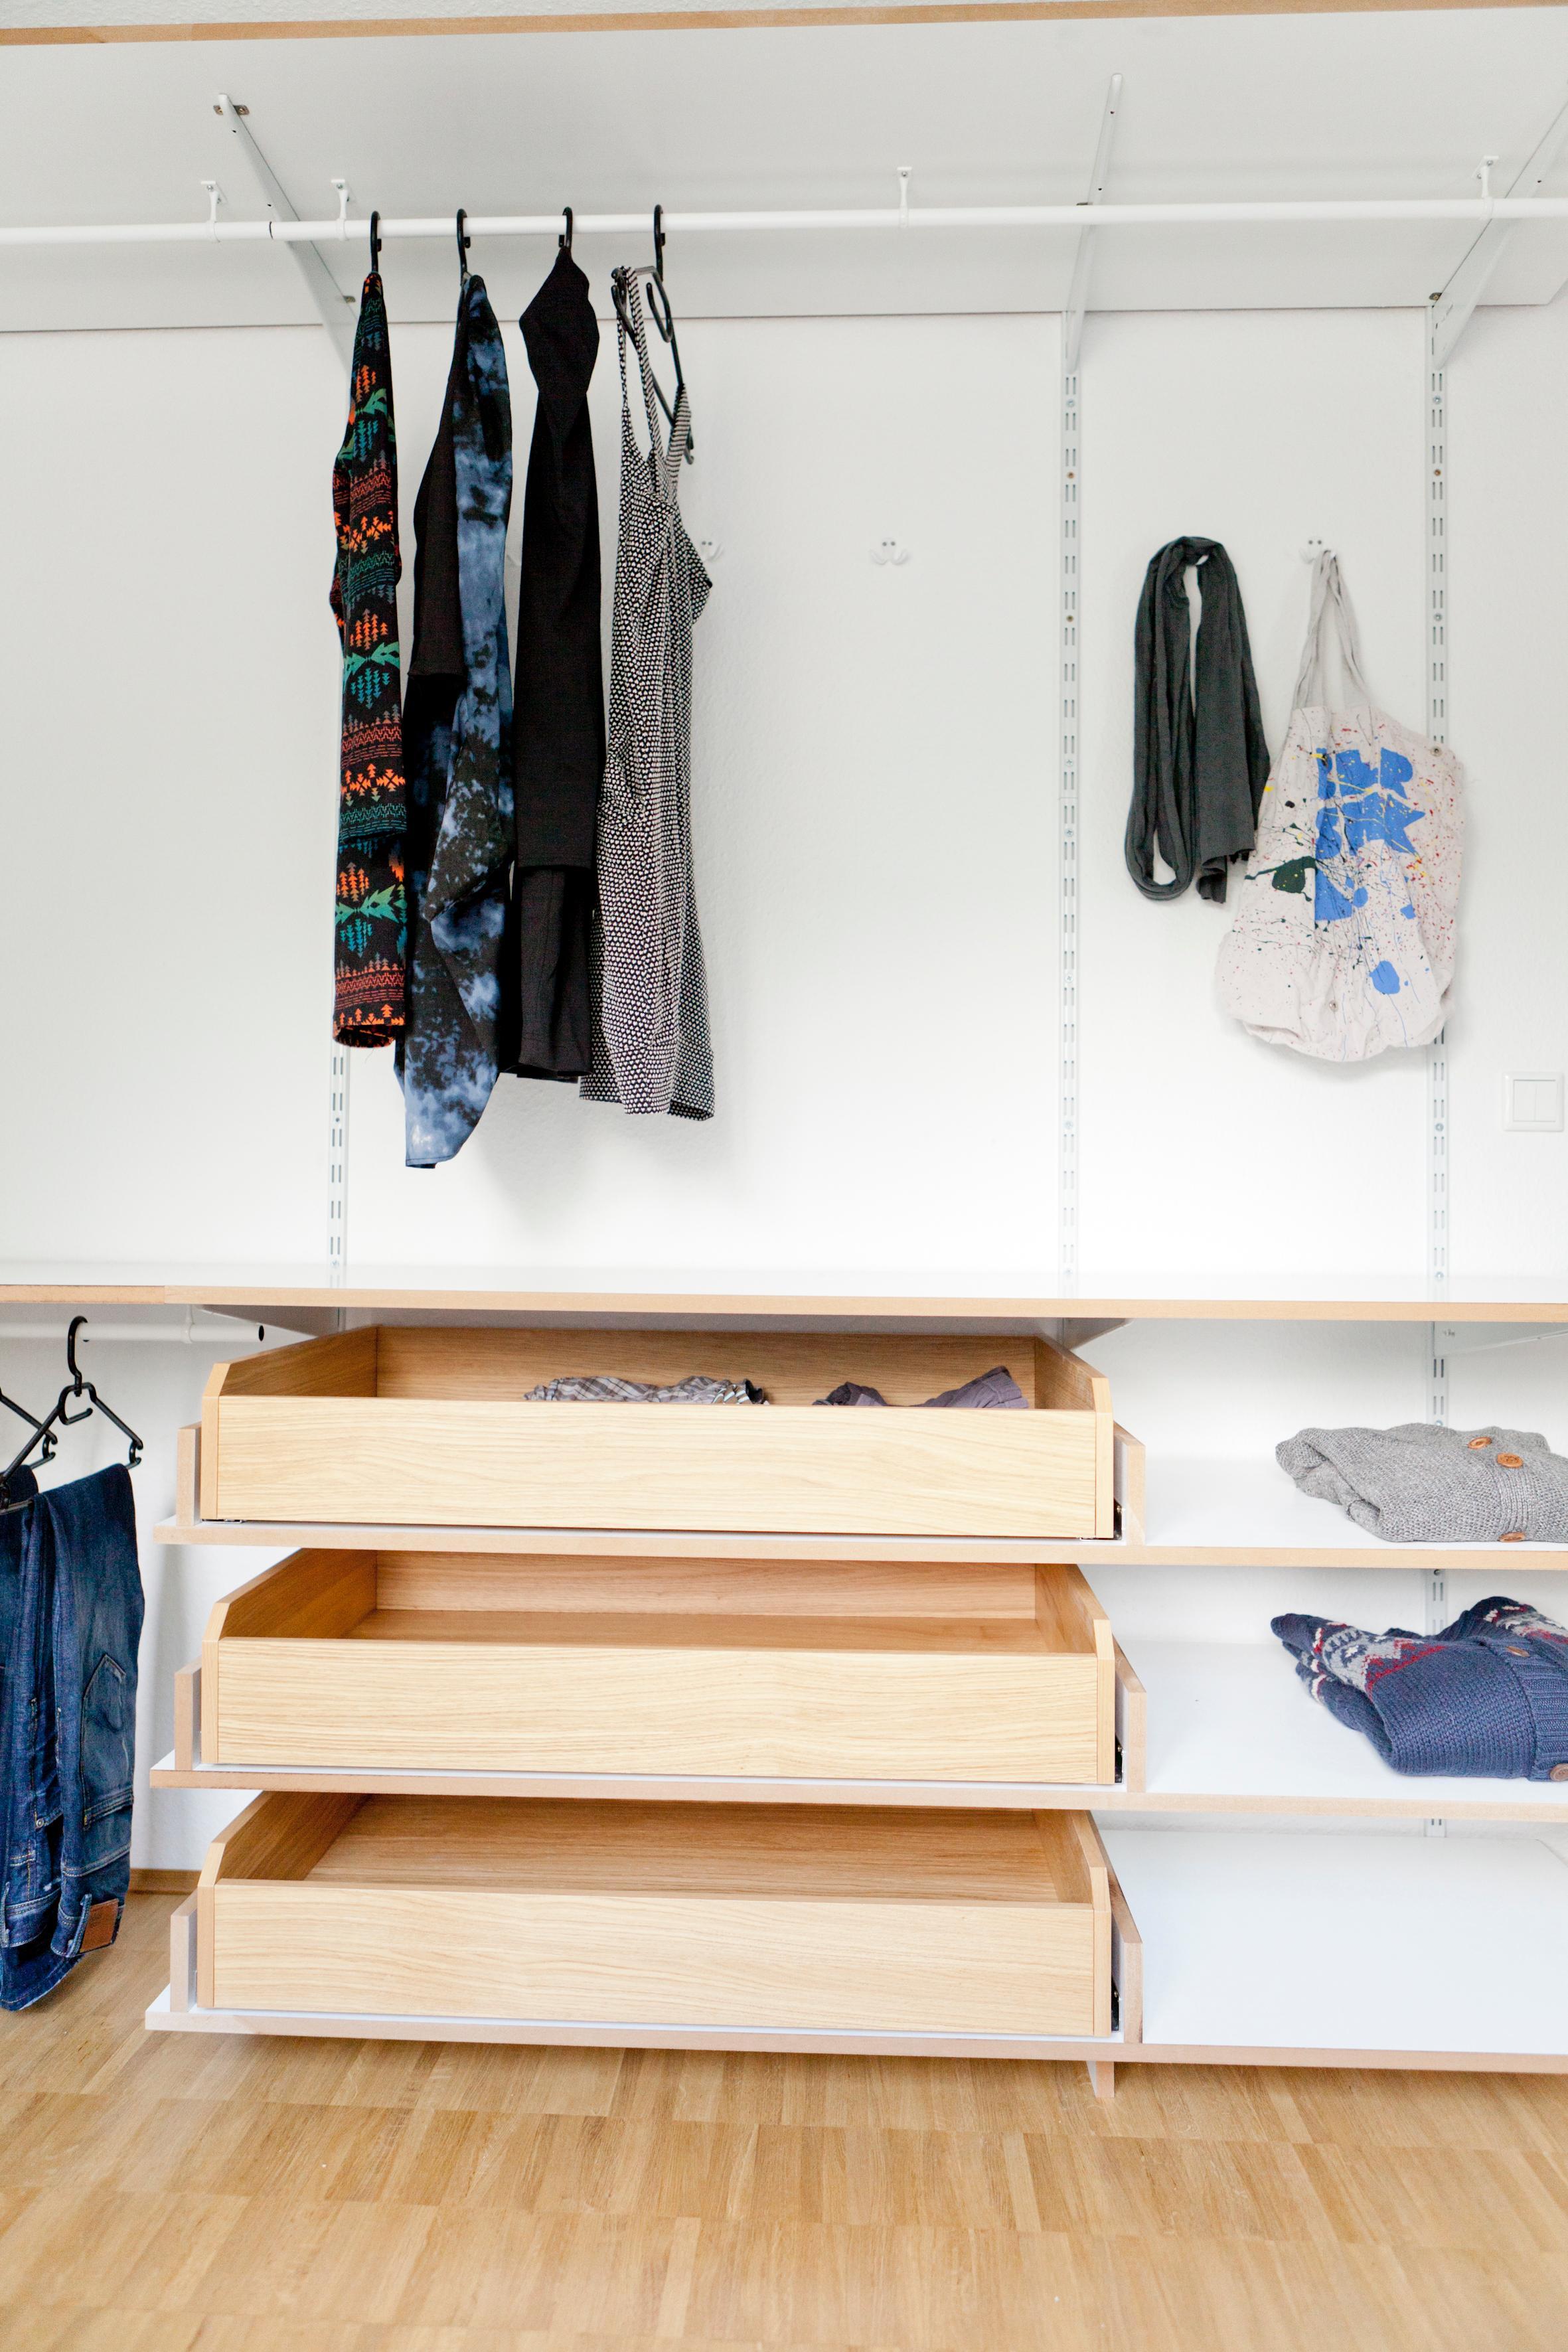 Ankleidezimmer bilder ideen couchstyle - Kleiderablage ideen ...